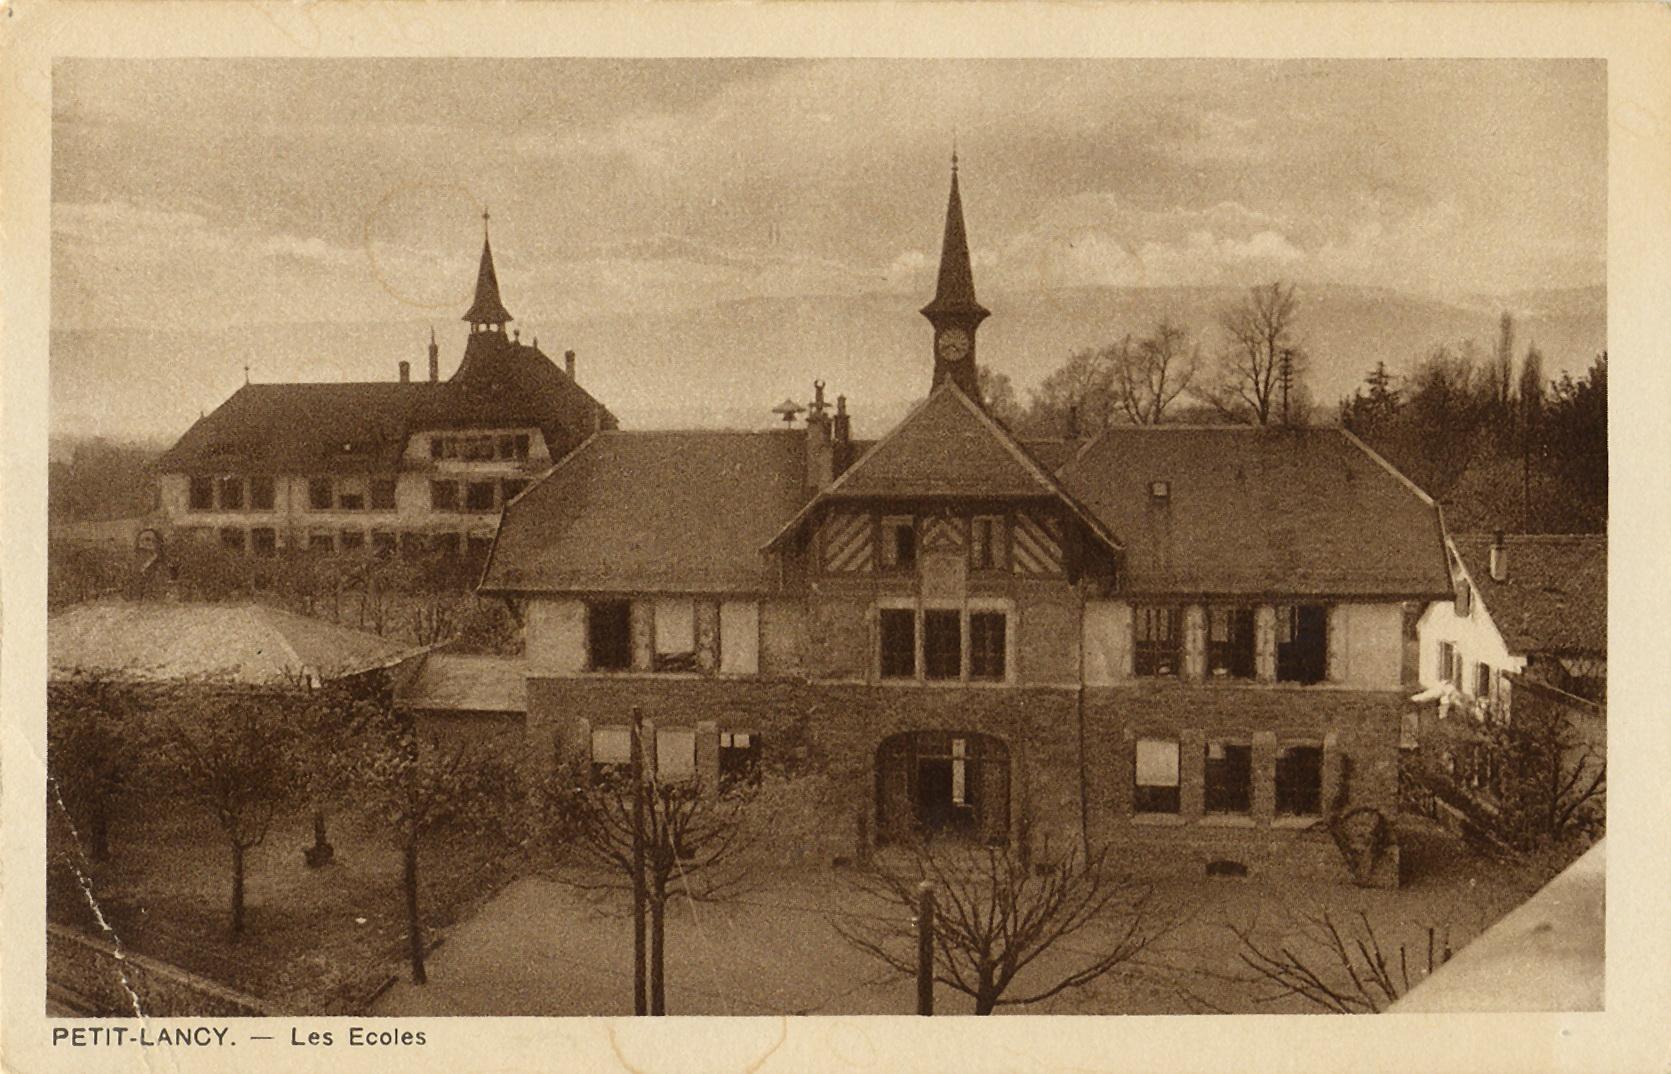 Pt Lancy Les Ecoles 1900 env